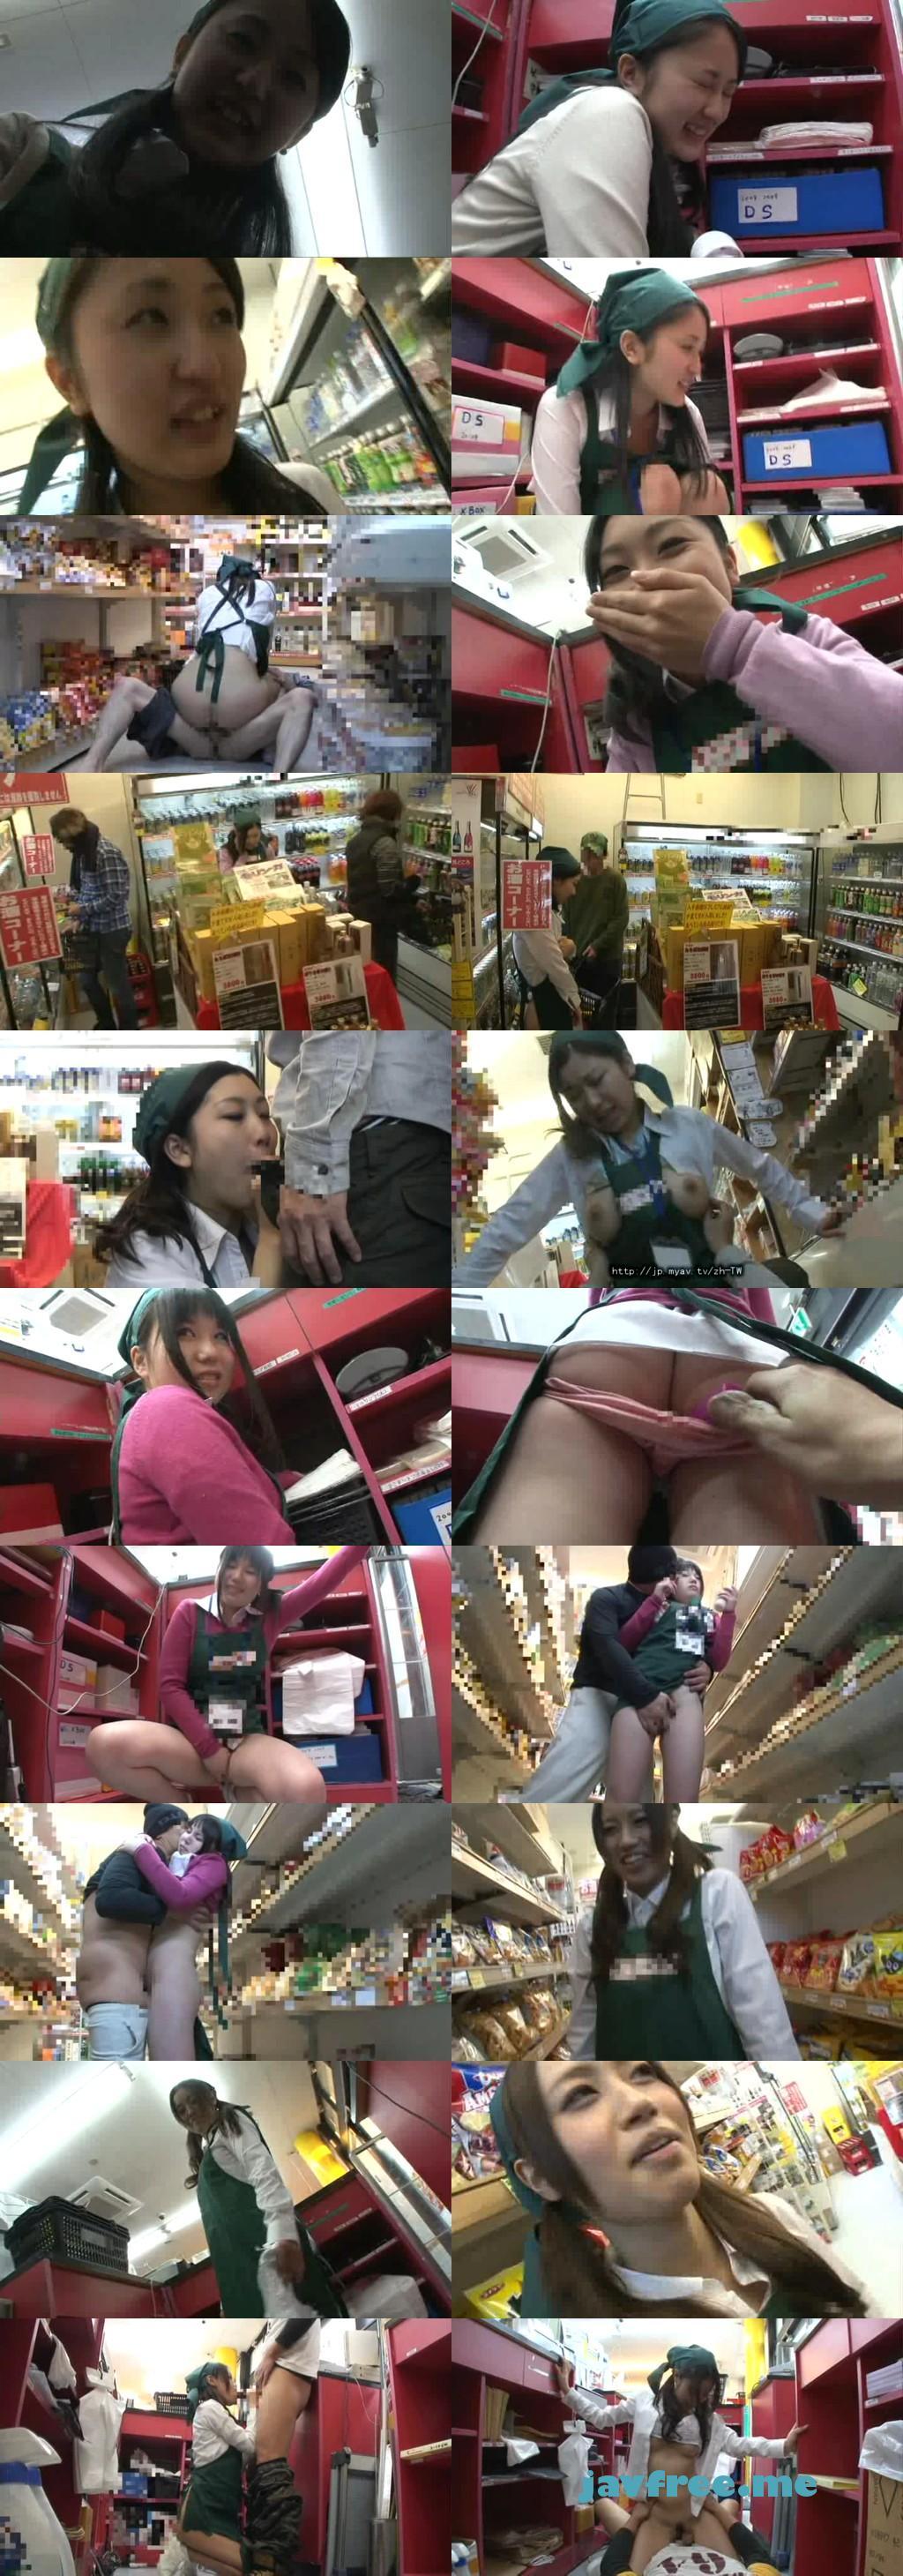 [HUNT 561] 時給10万800円!スーパーマーケットで働くお嬢さん!店長には内緒で、超高額露出バイトをしてみませんか? HUNT